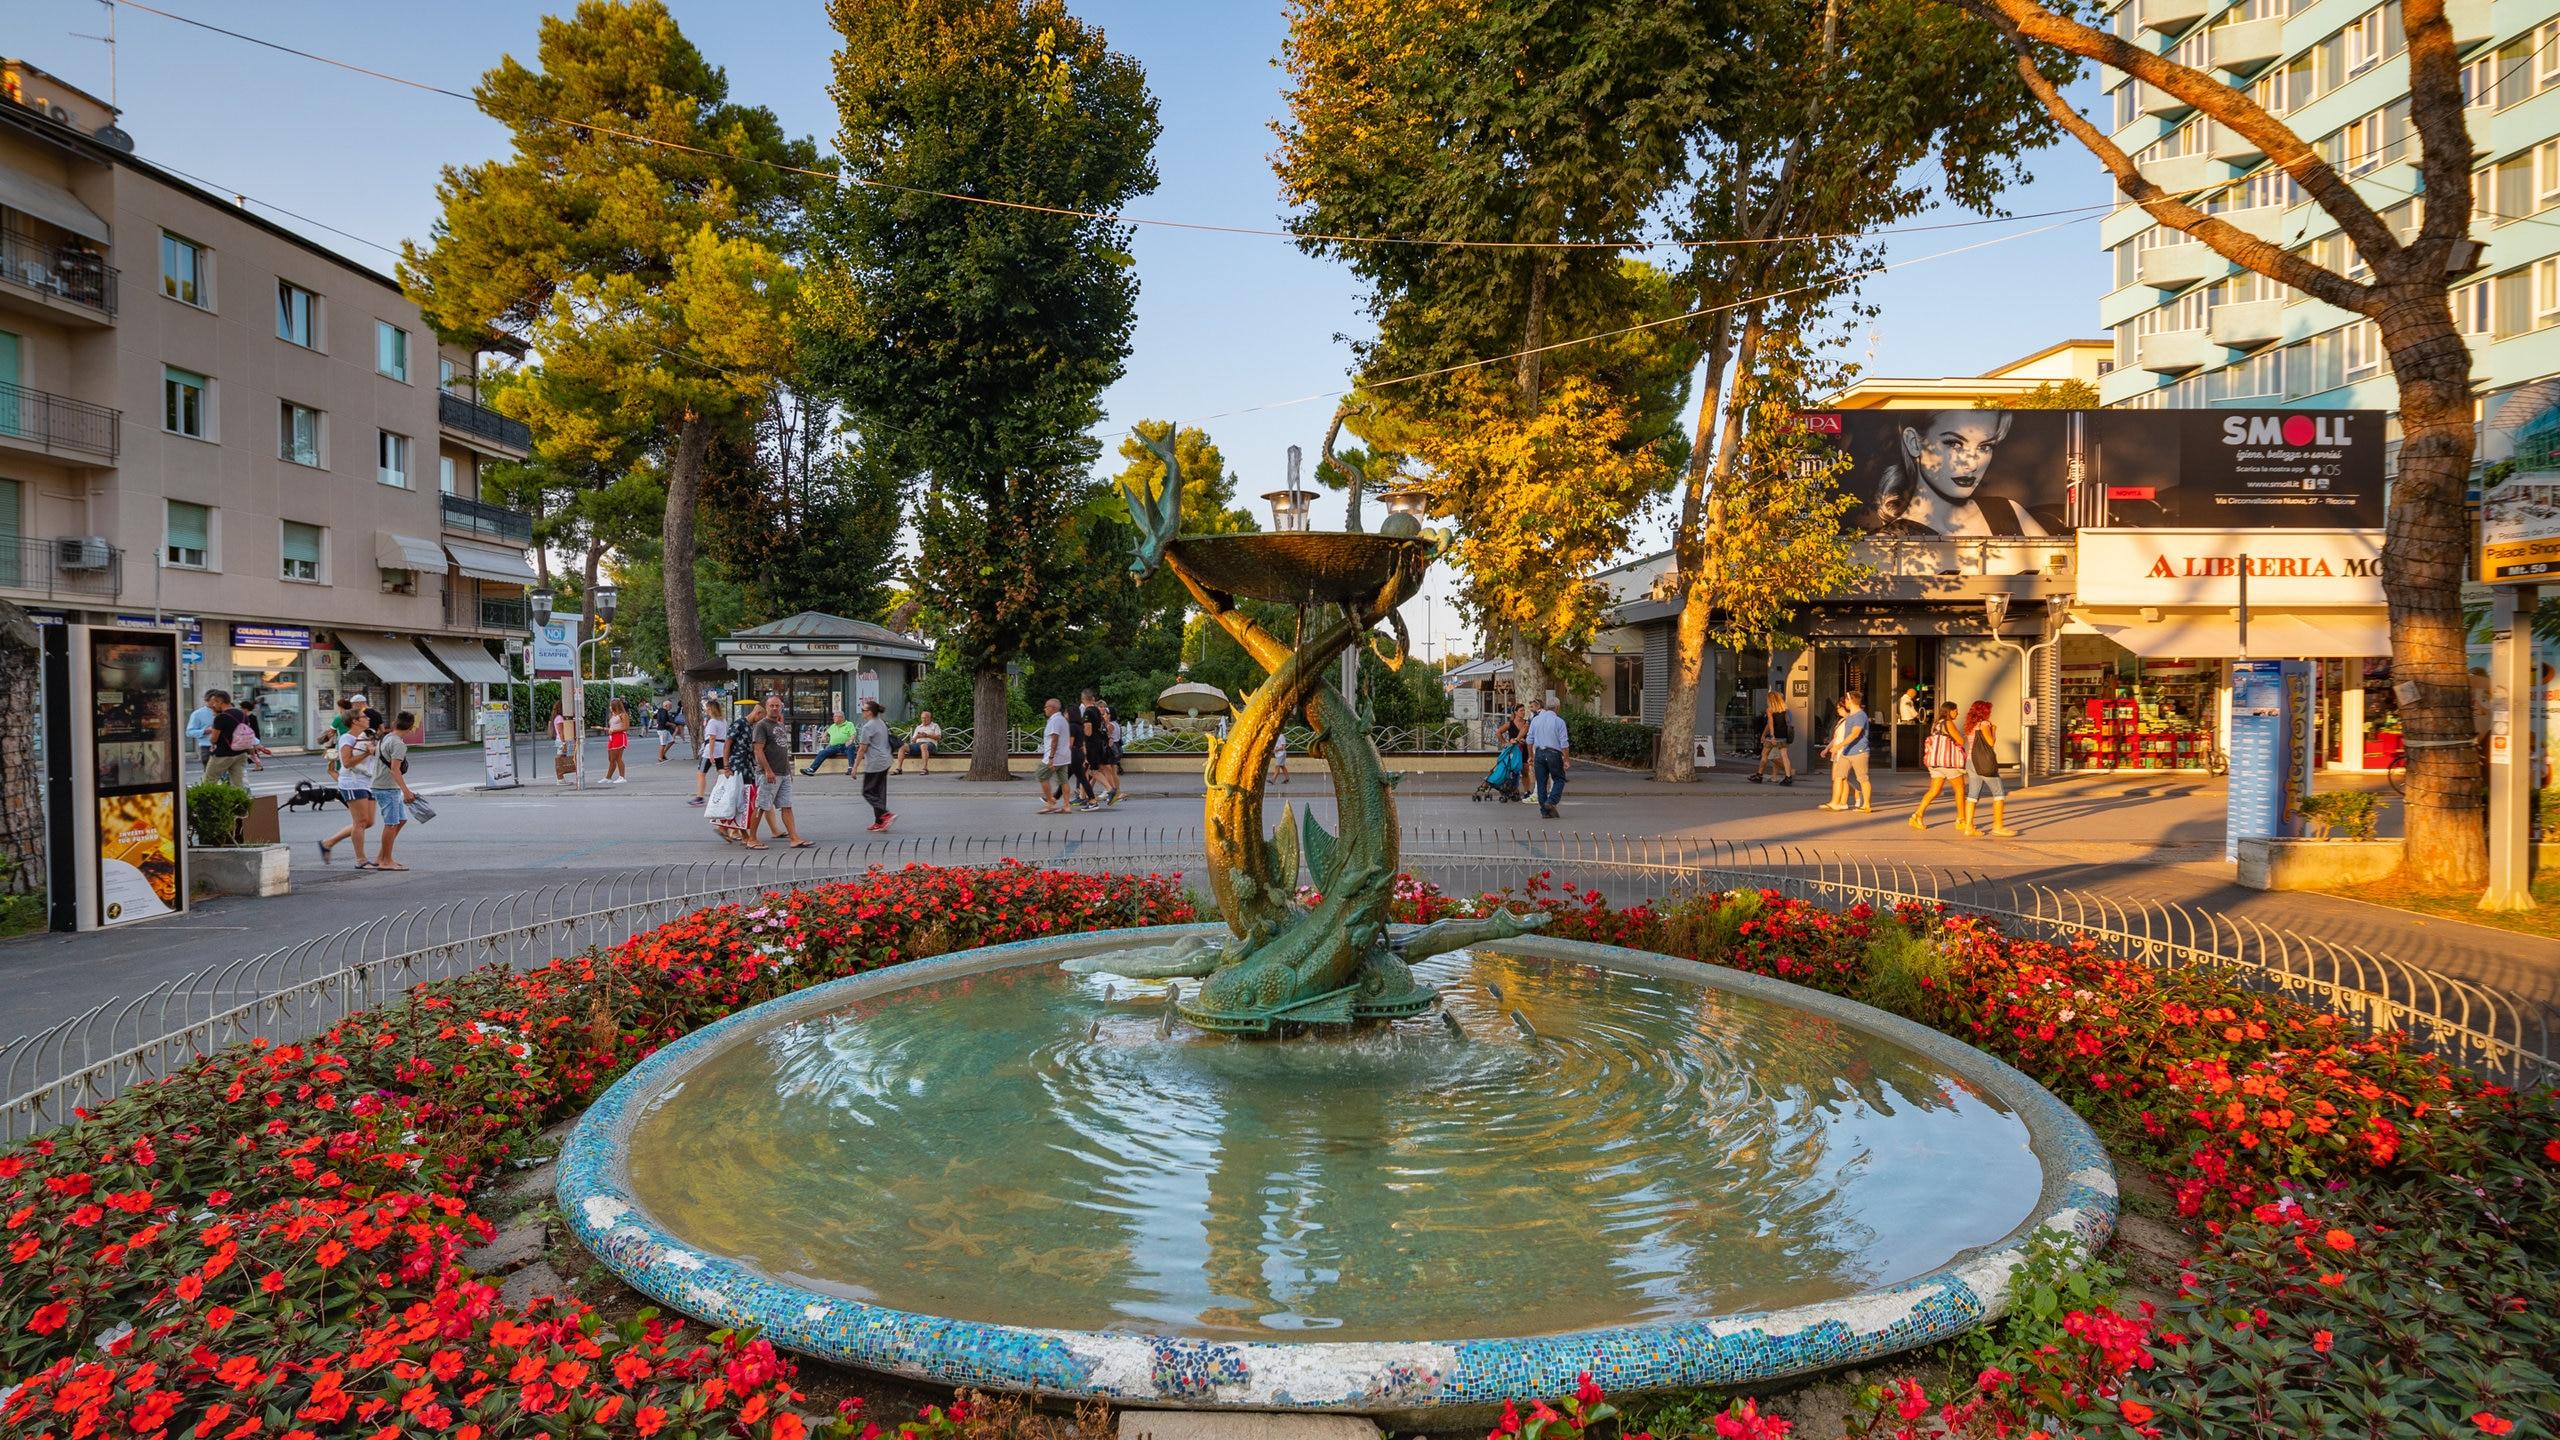 Questo maestoso complesso dedicato al turismo fornisce tutte le informazioni necessarie per un piacevole soggiorno a Riccione.